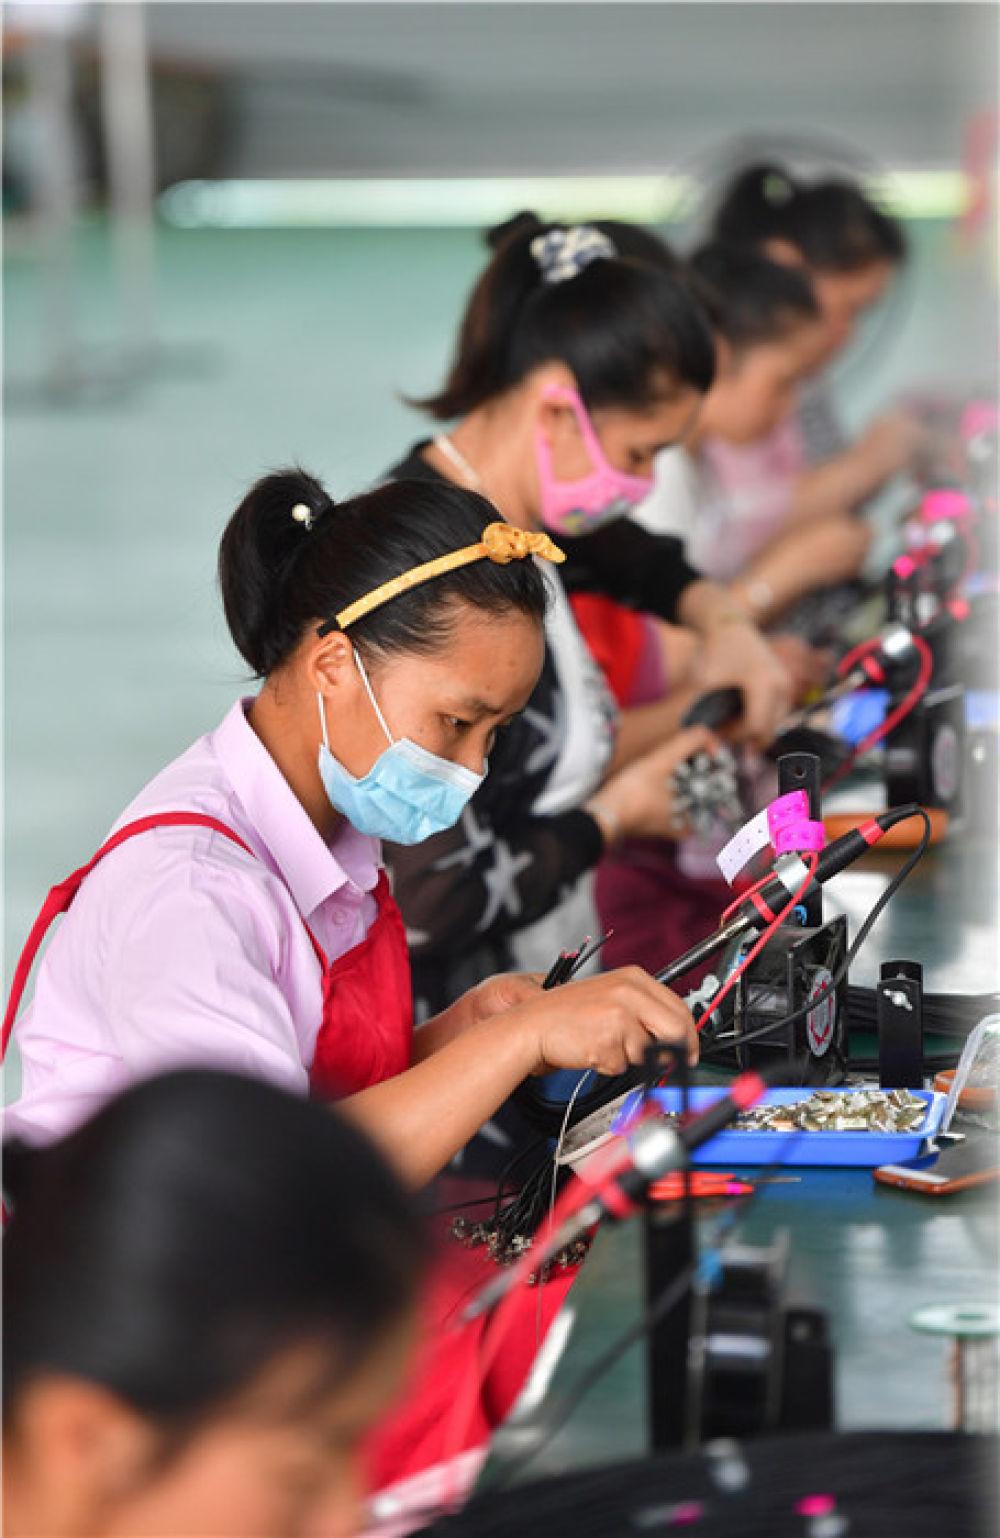 5月17日,在广西融安县农产品加工暨粤桂扶贫协作产业园,一家电子产品企业的工人在扶贫车间生产线上作业。新华社记者 黄孝邦 摄